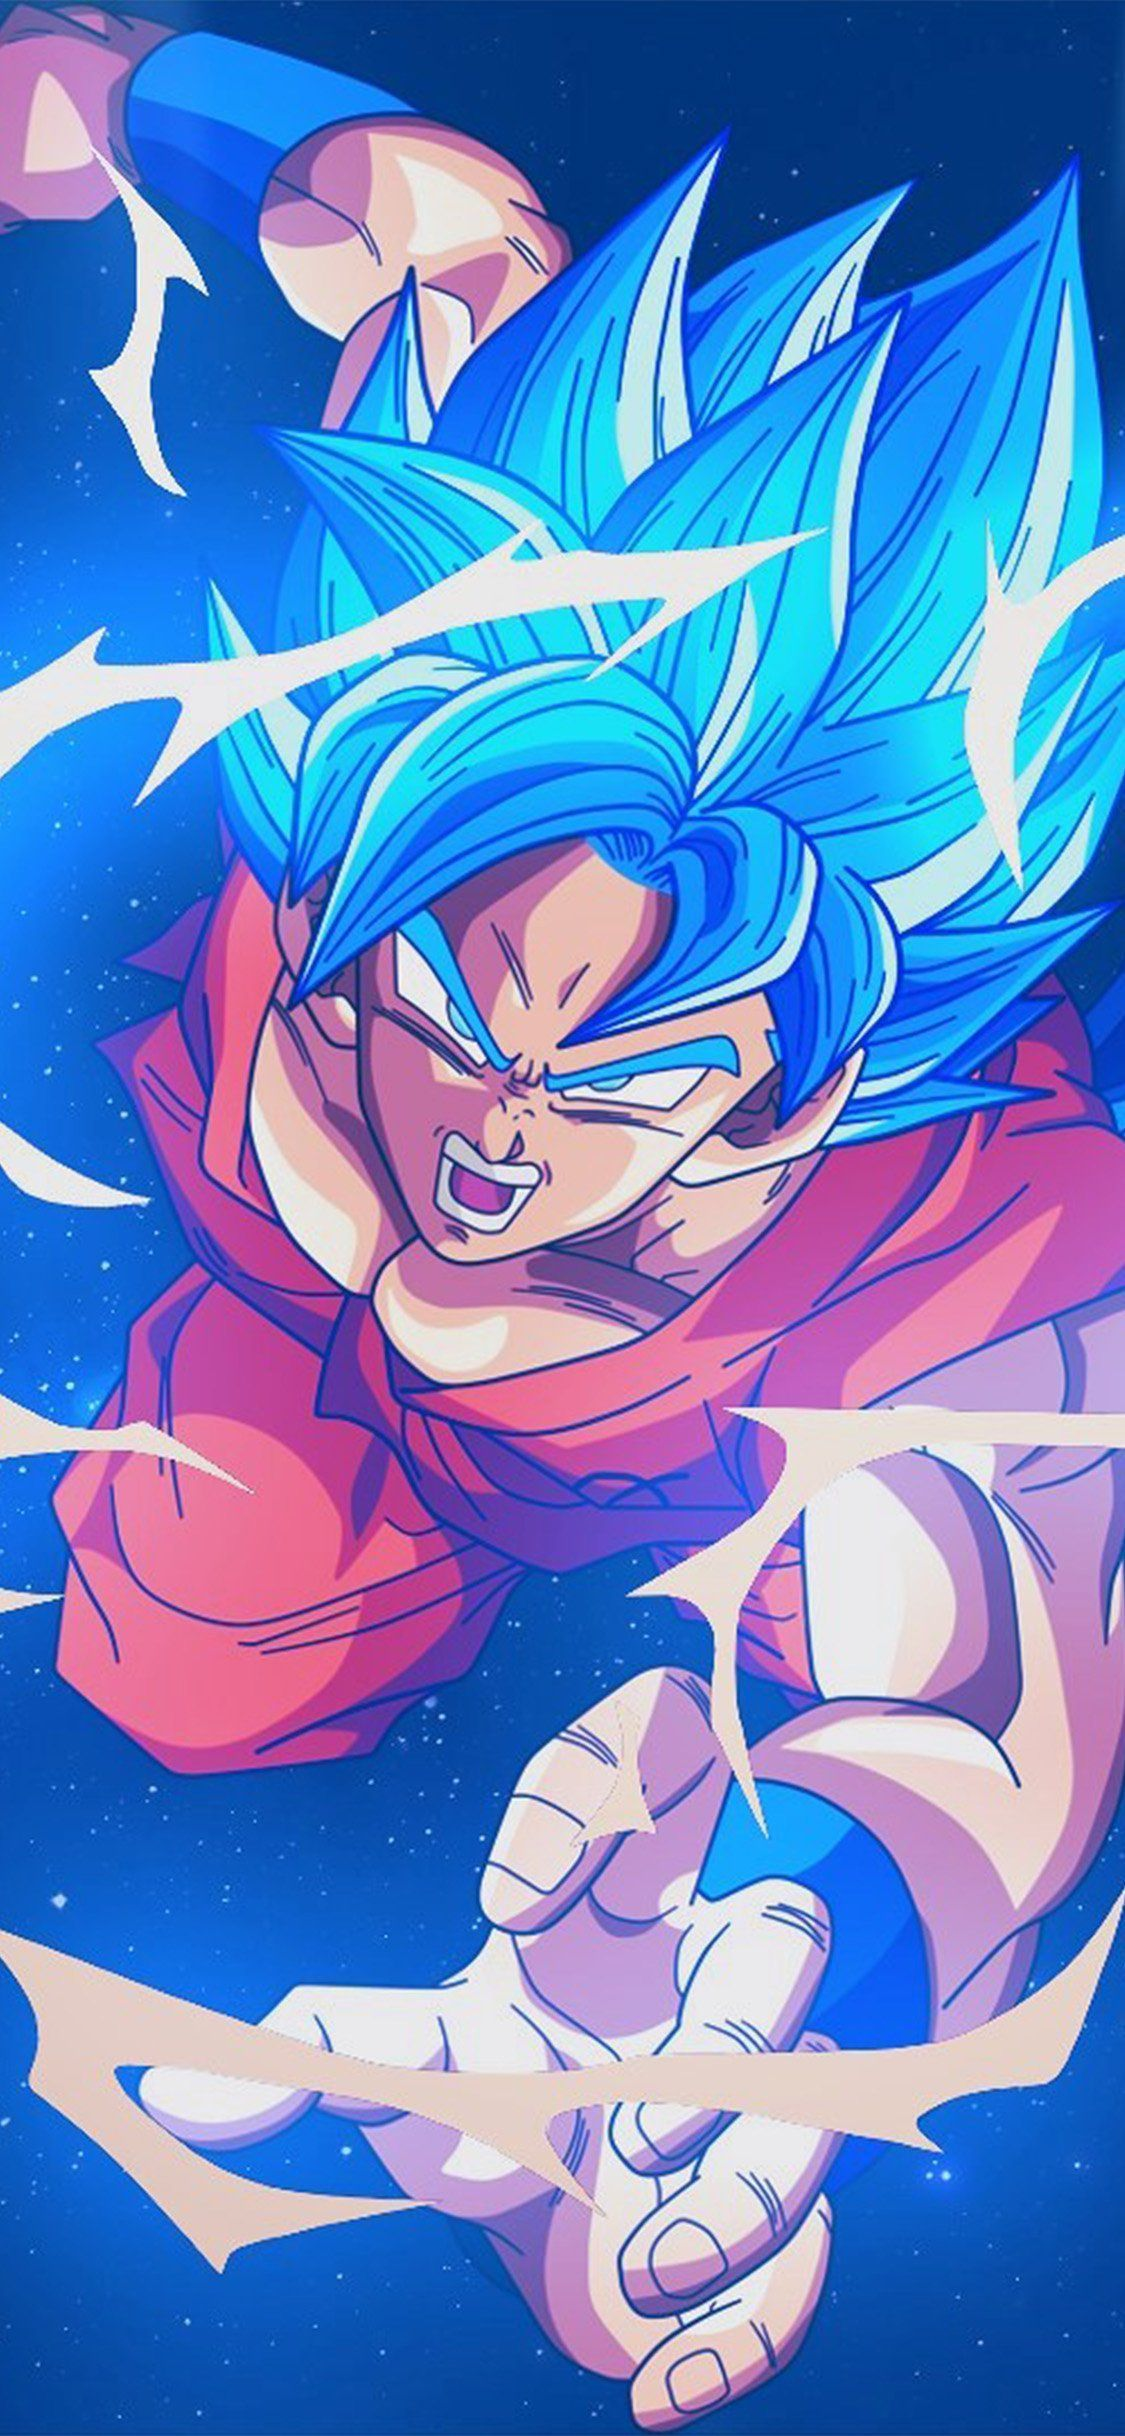 Pin By Bjori Proda On Yeet In 2020 Goku Wallpaper Anime